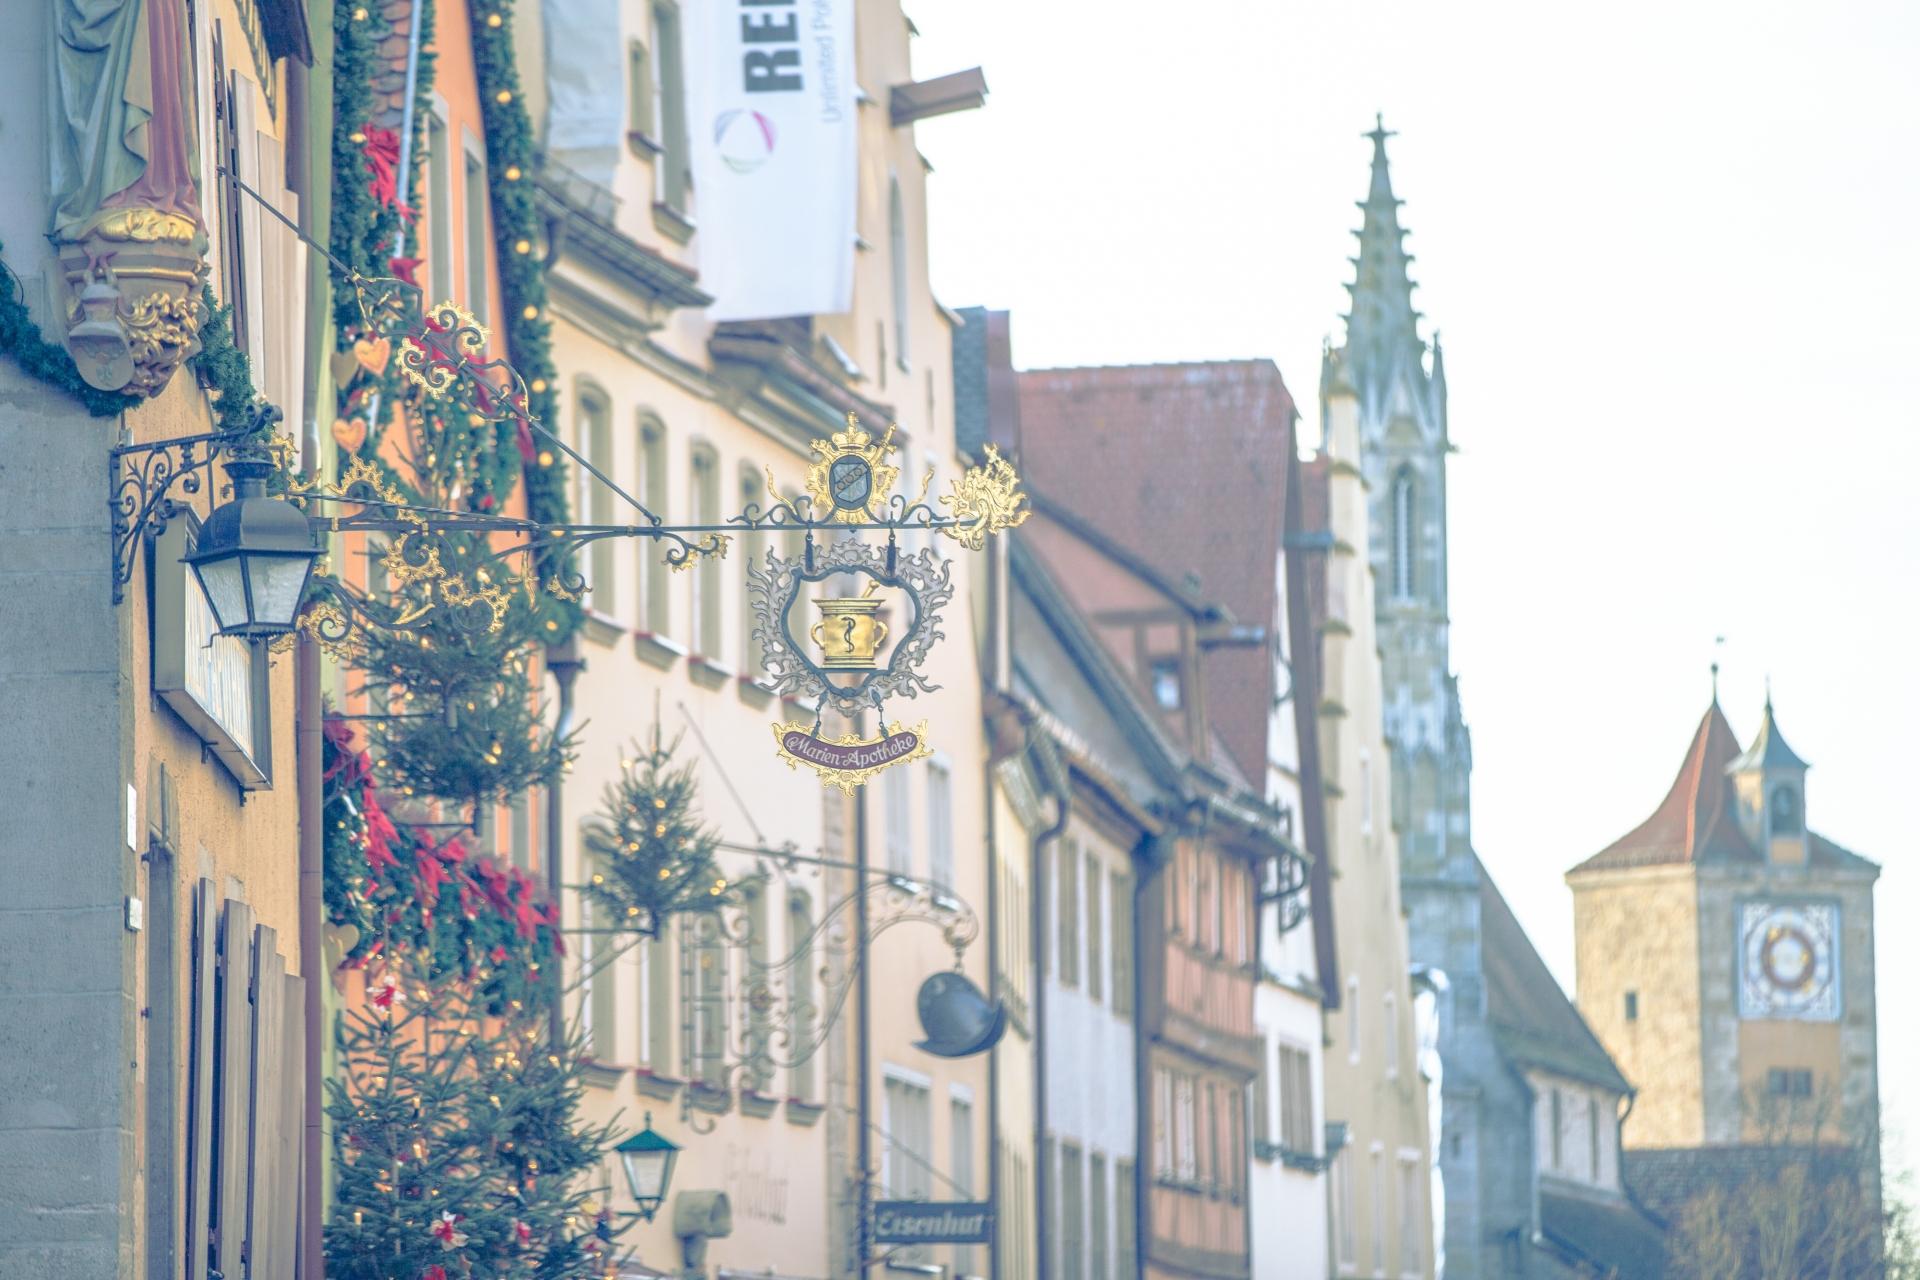 ドイツロマン主義からドイツ文化の2つの顔・哲学と文学を考察。